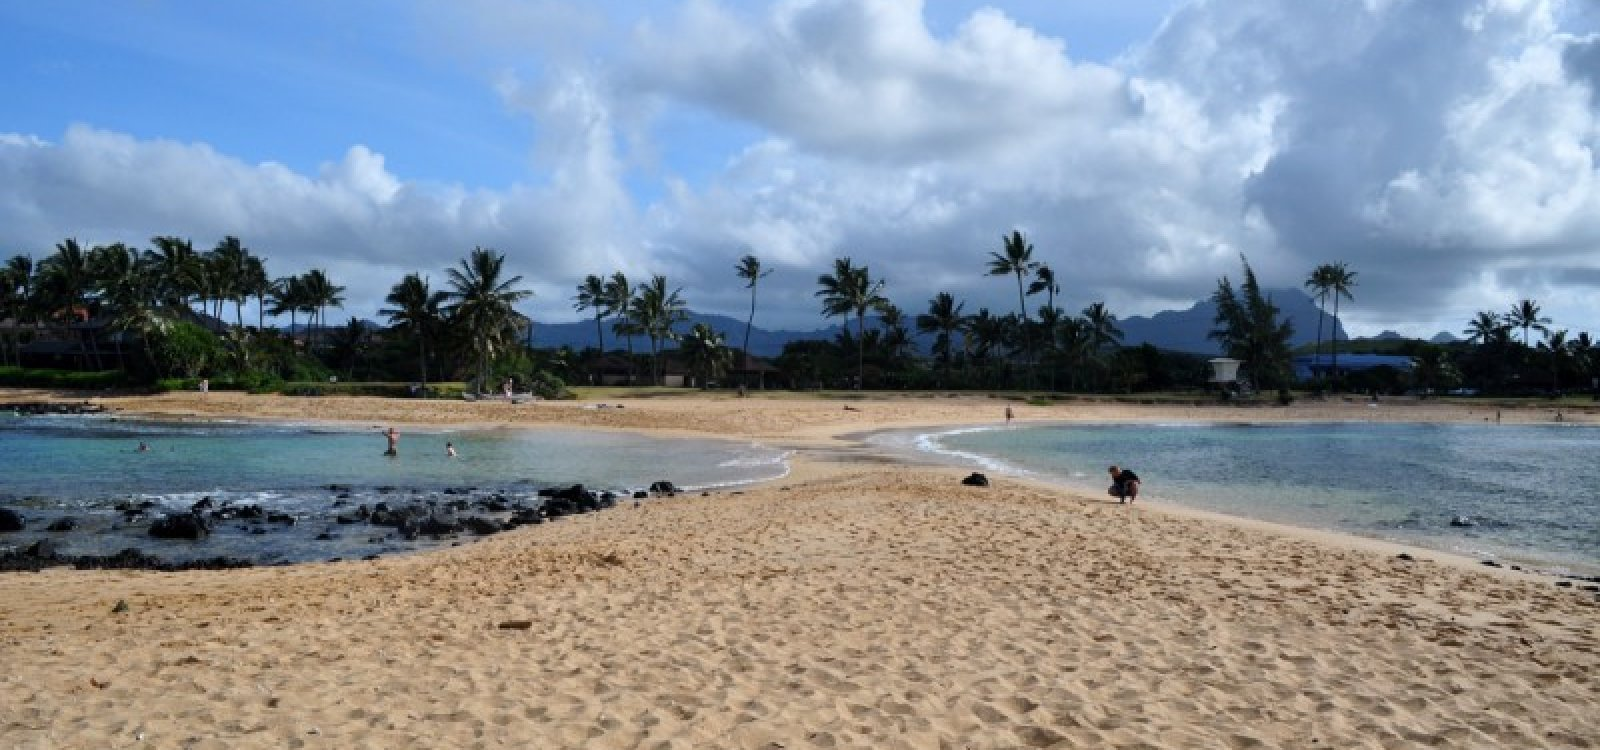 Poipu Beach Photo Gallery